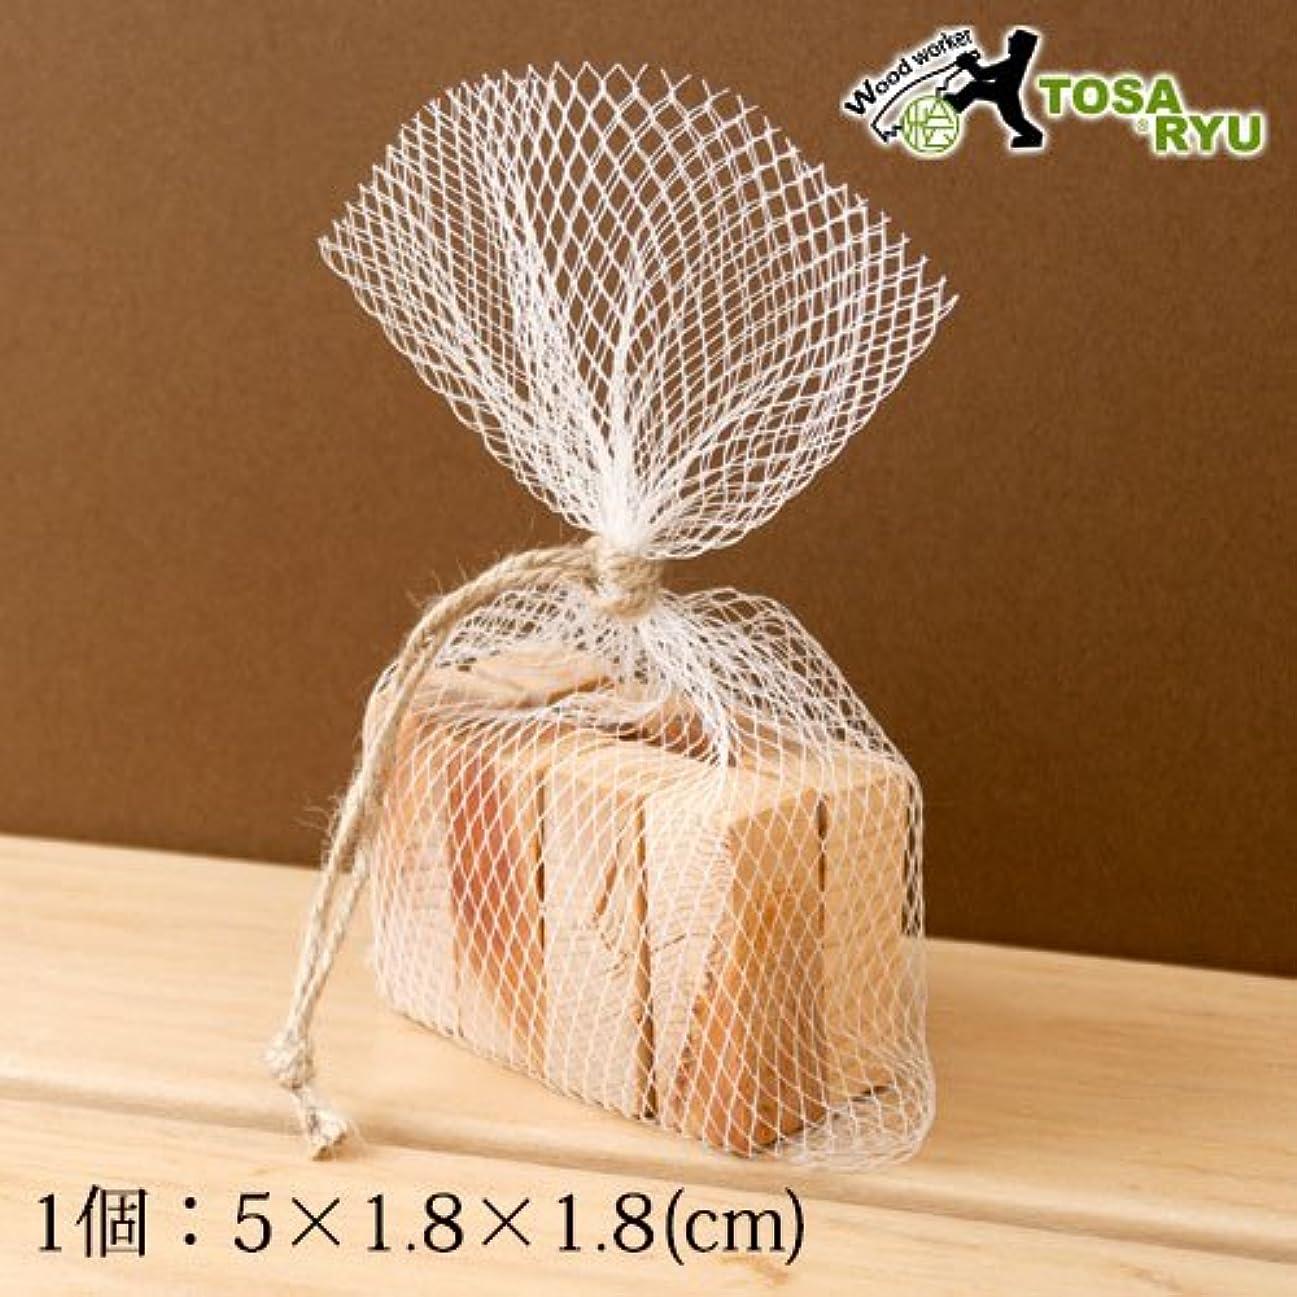 無線チョコレート性差別土佐龍アロマブロックメッシュ袋入り高知県の工芸品Bath additive of cypress, Kochi craft